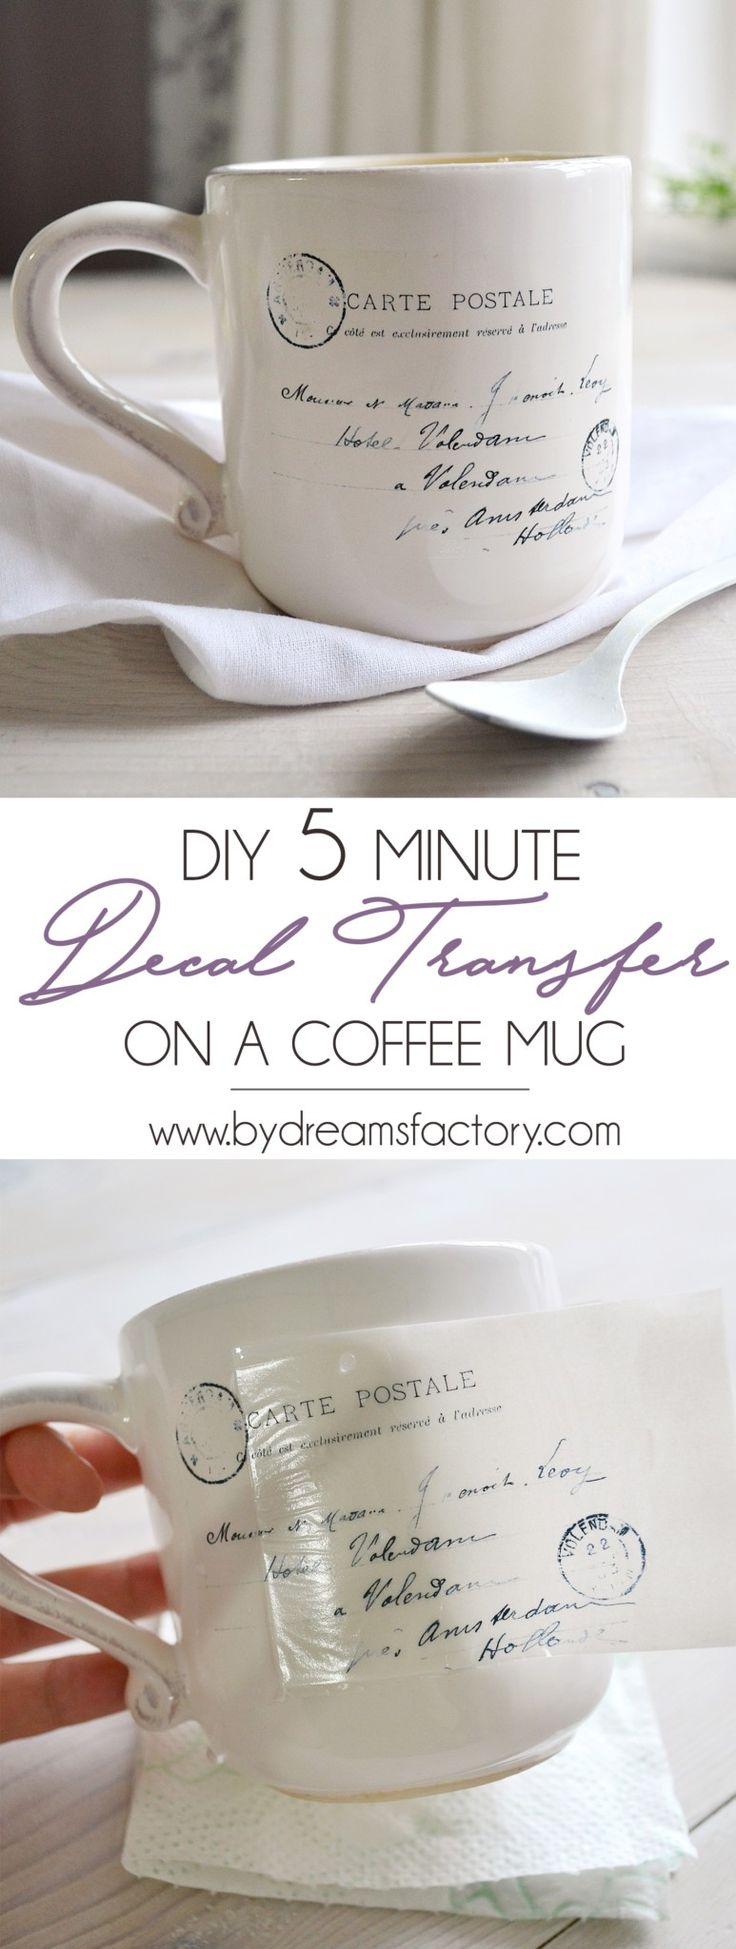 Transferencia de la etiqueta DIY de 5 minutos sobre una taza de café - Dreams Factory